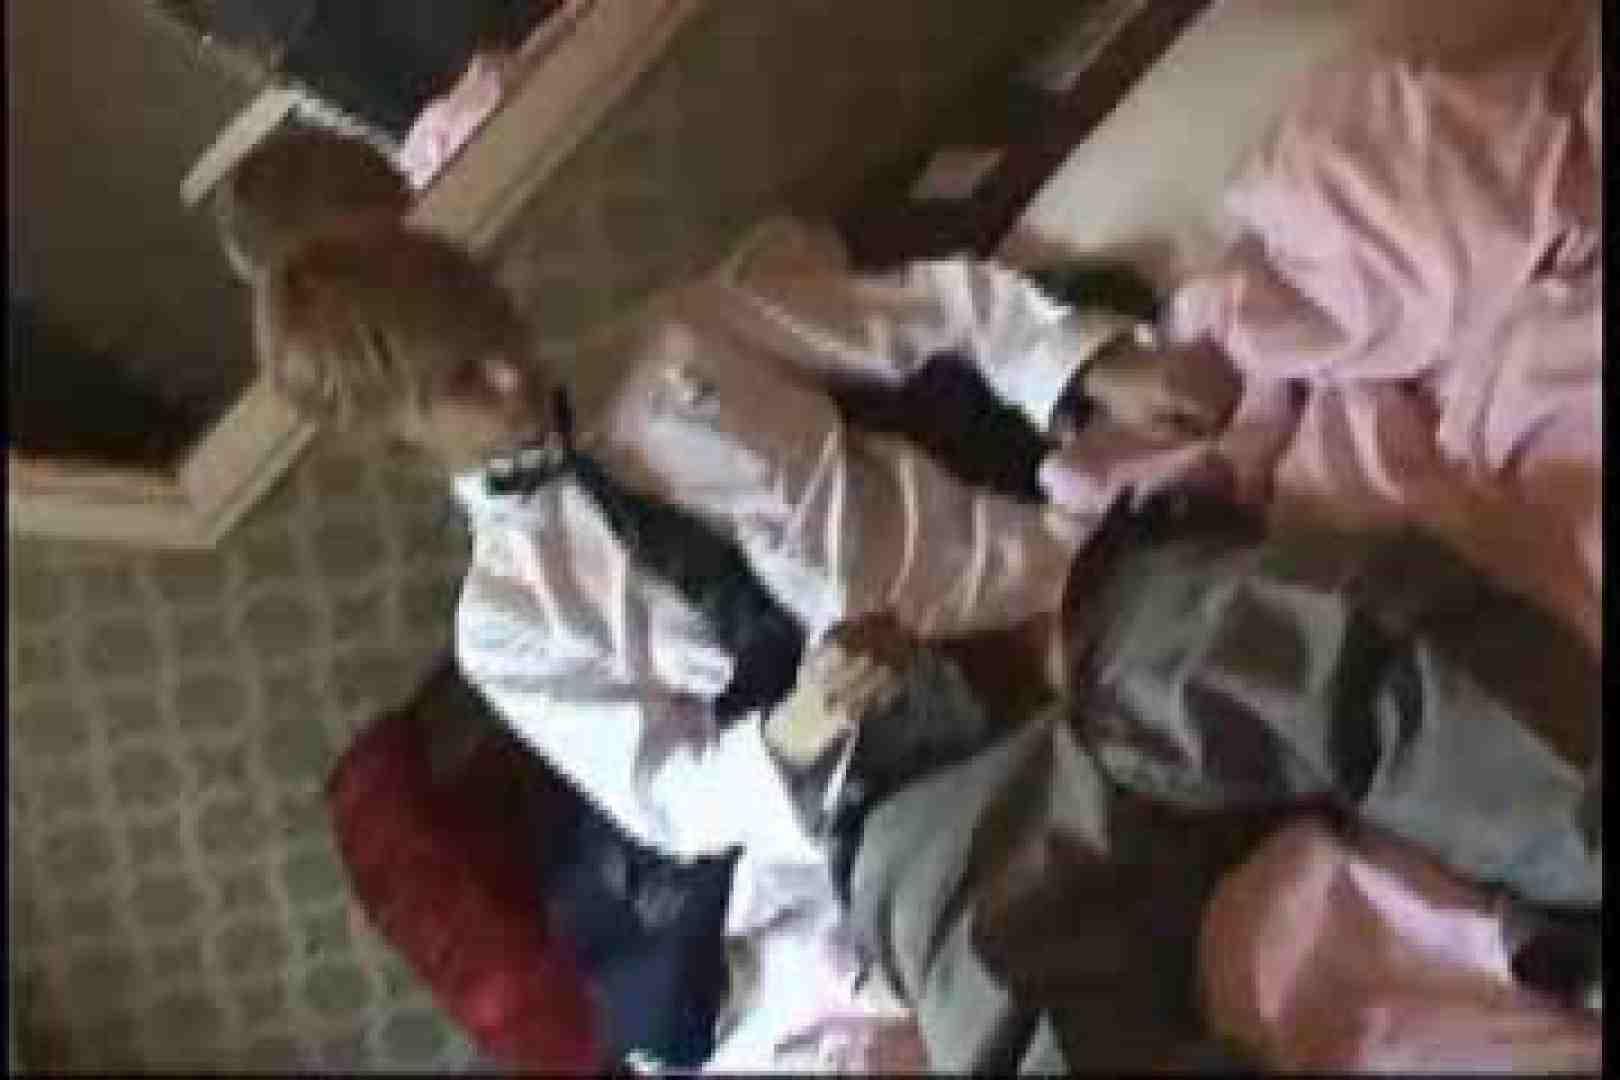 【流出】知られざる僕の秘密…vol.01 ハメ撮り動画 ゲイアダルト画像 99pic 31